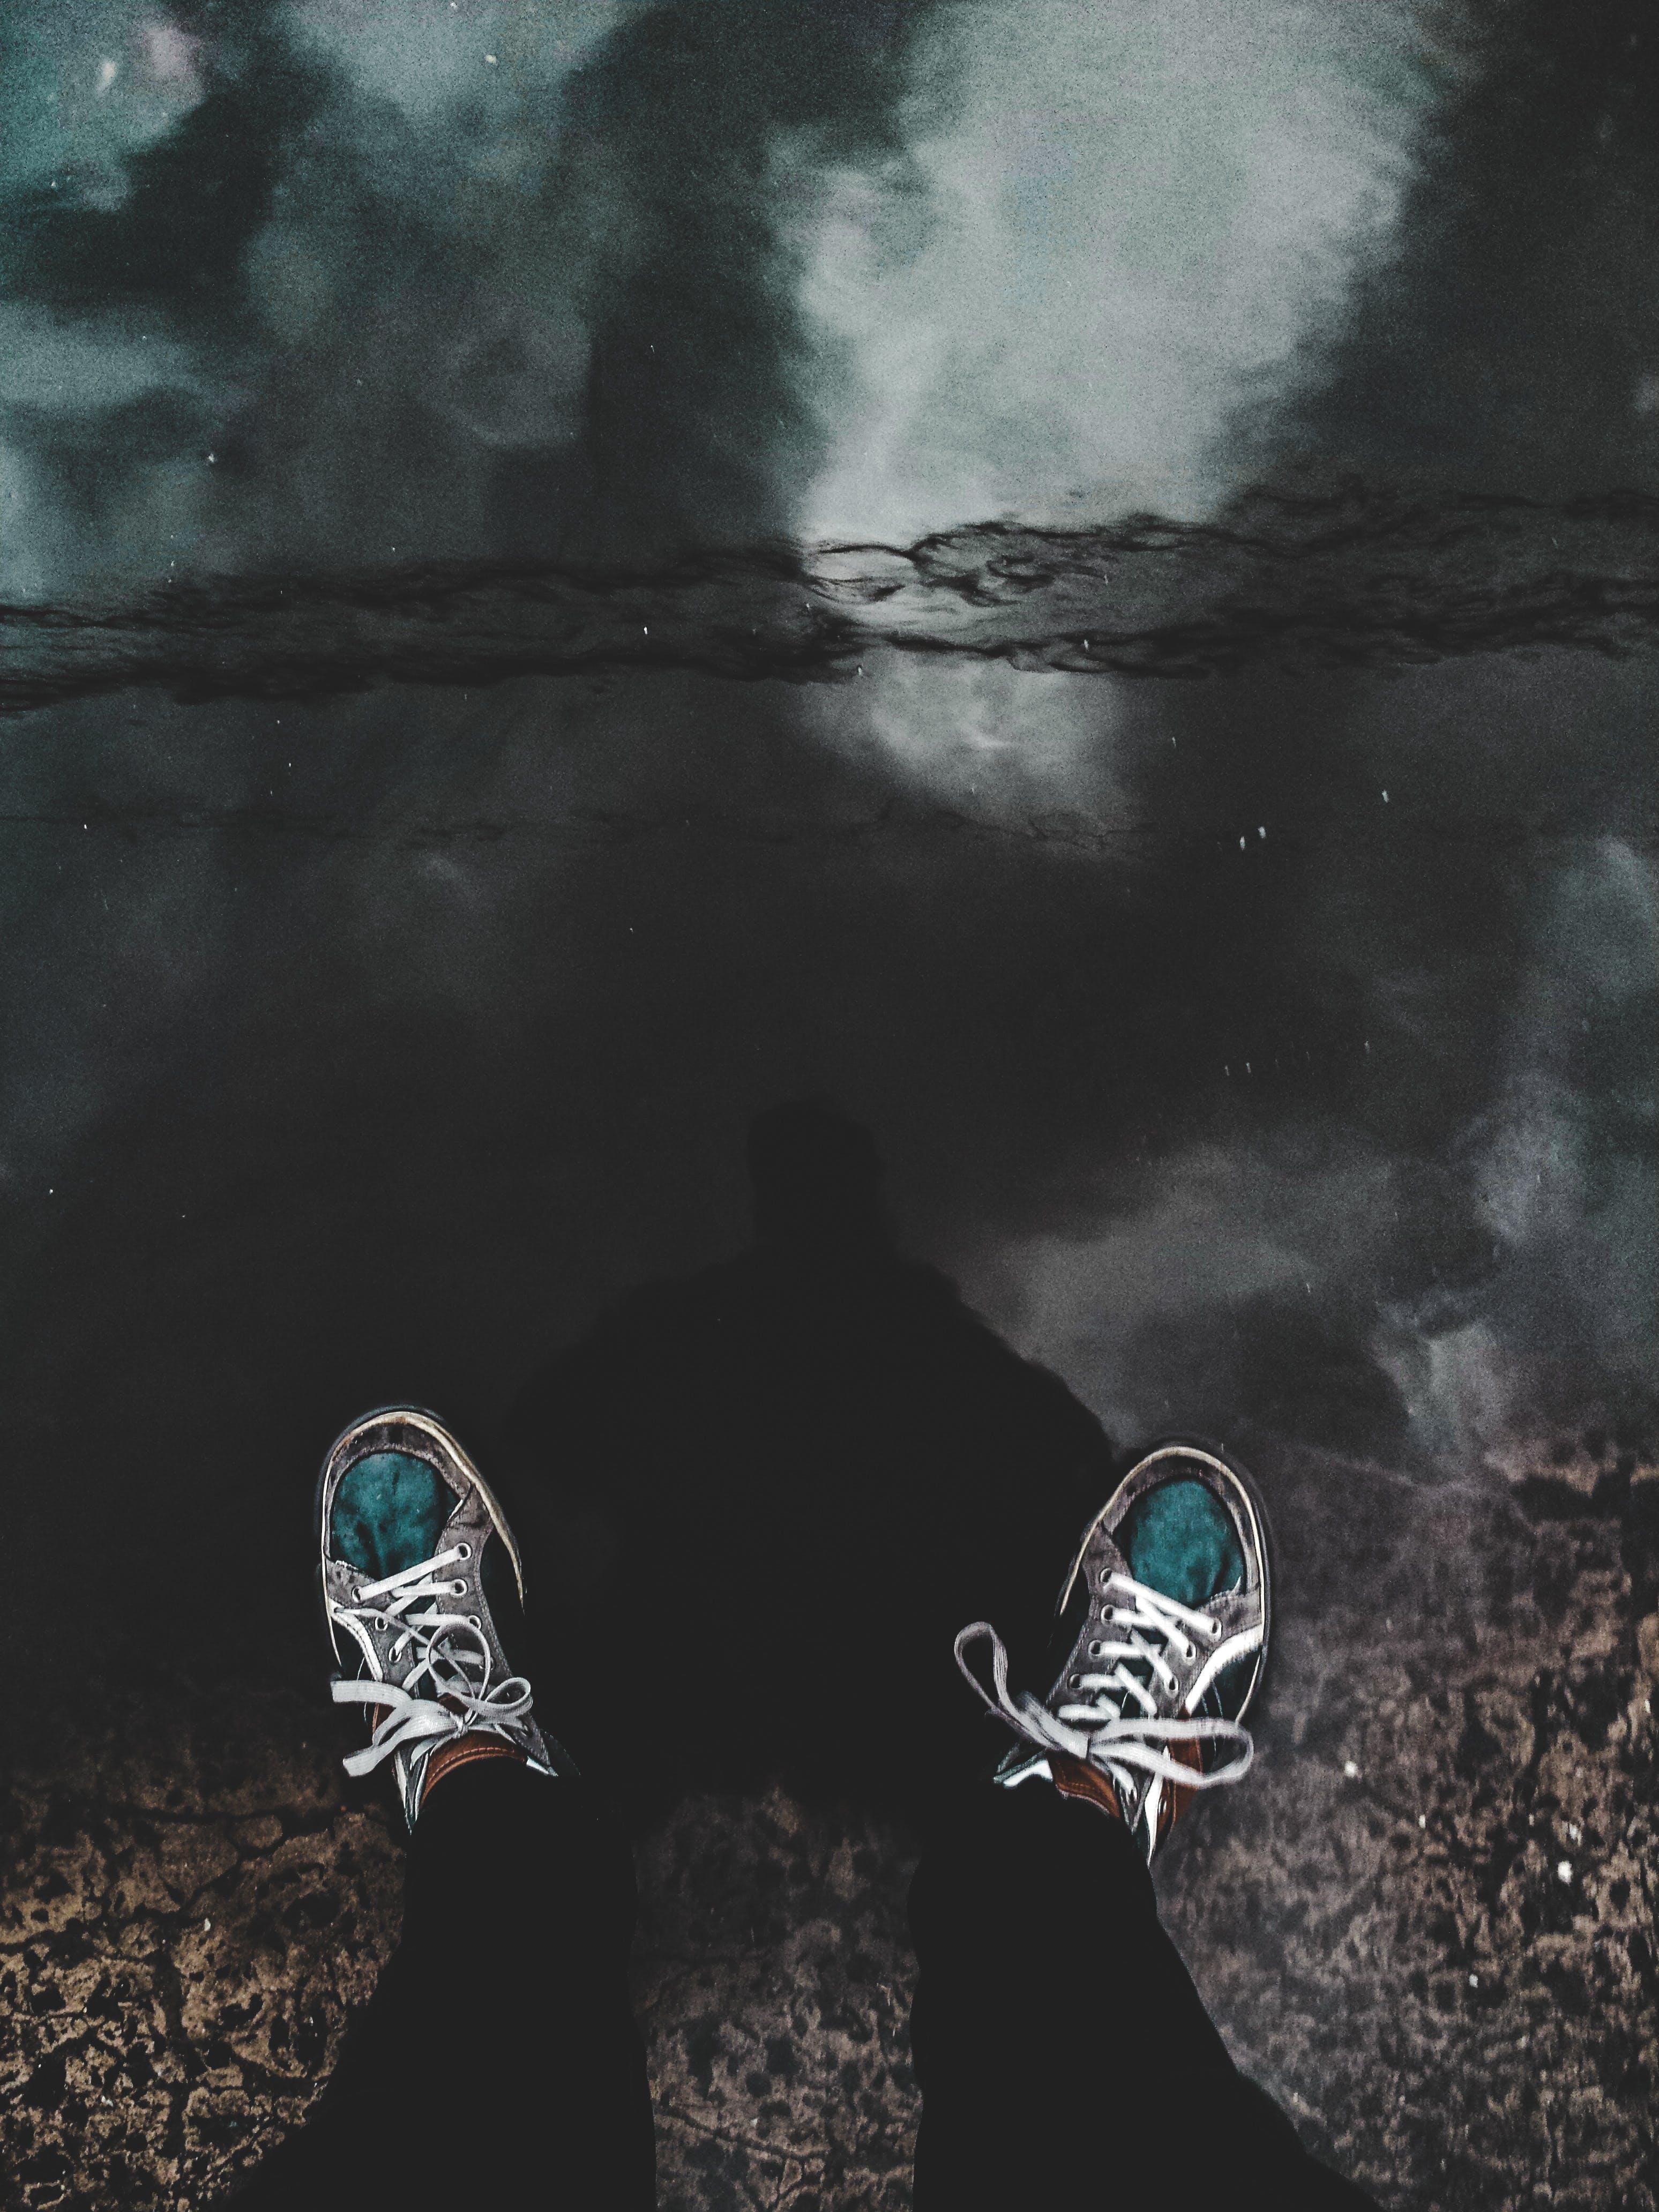 Gratis lagerfoto af efter regn, fodtøj, person, refleksion